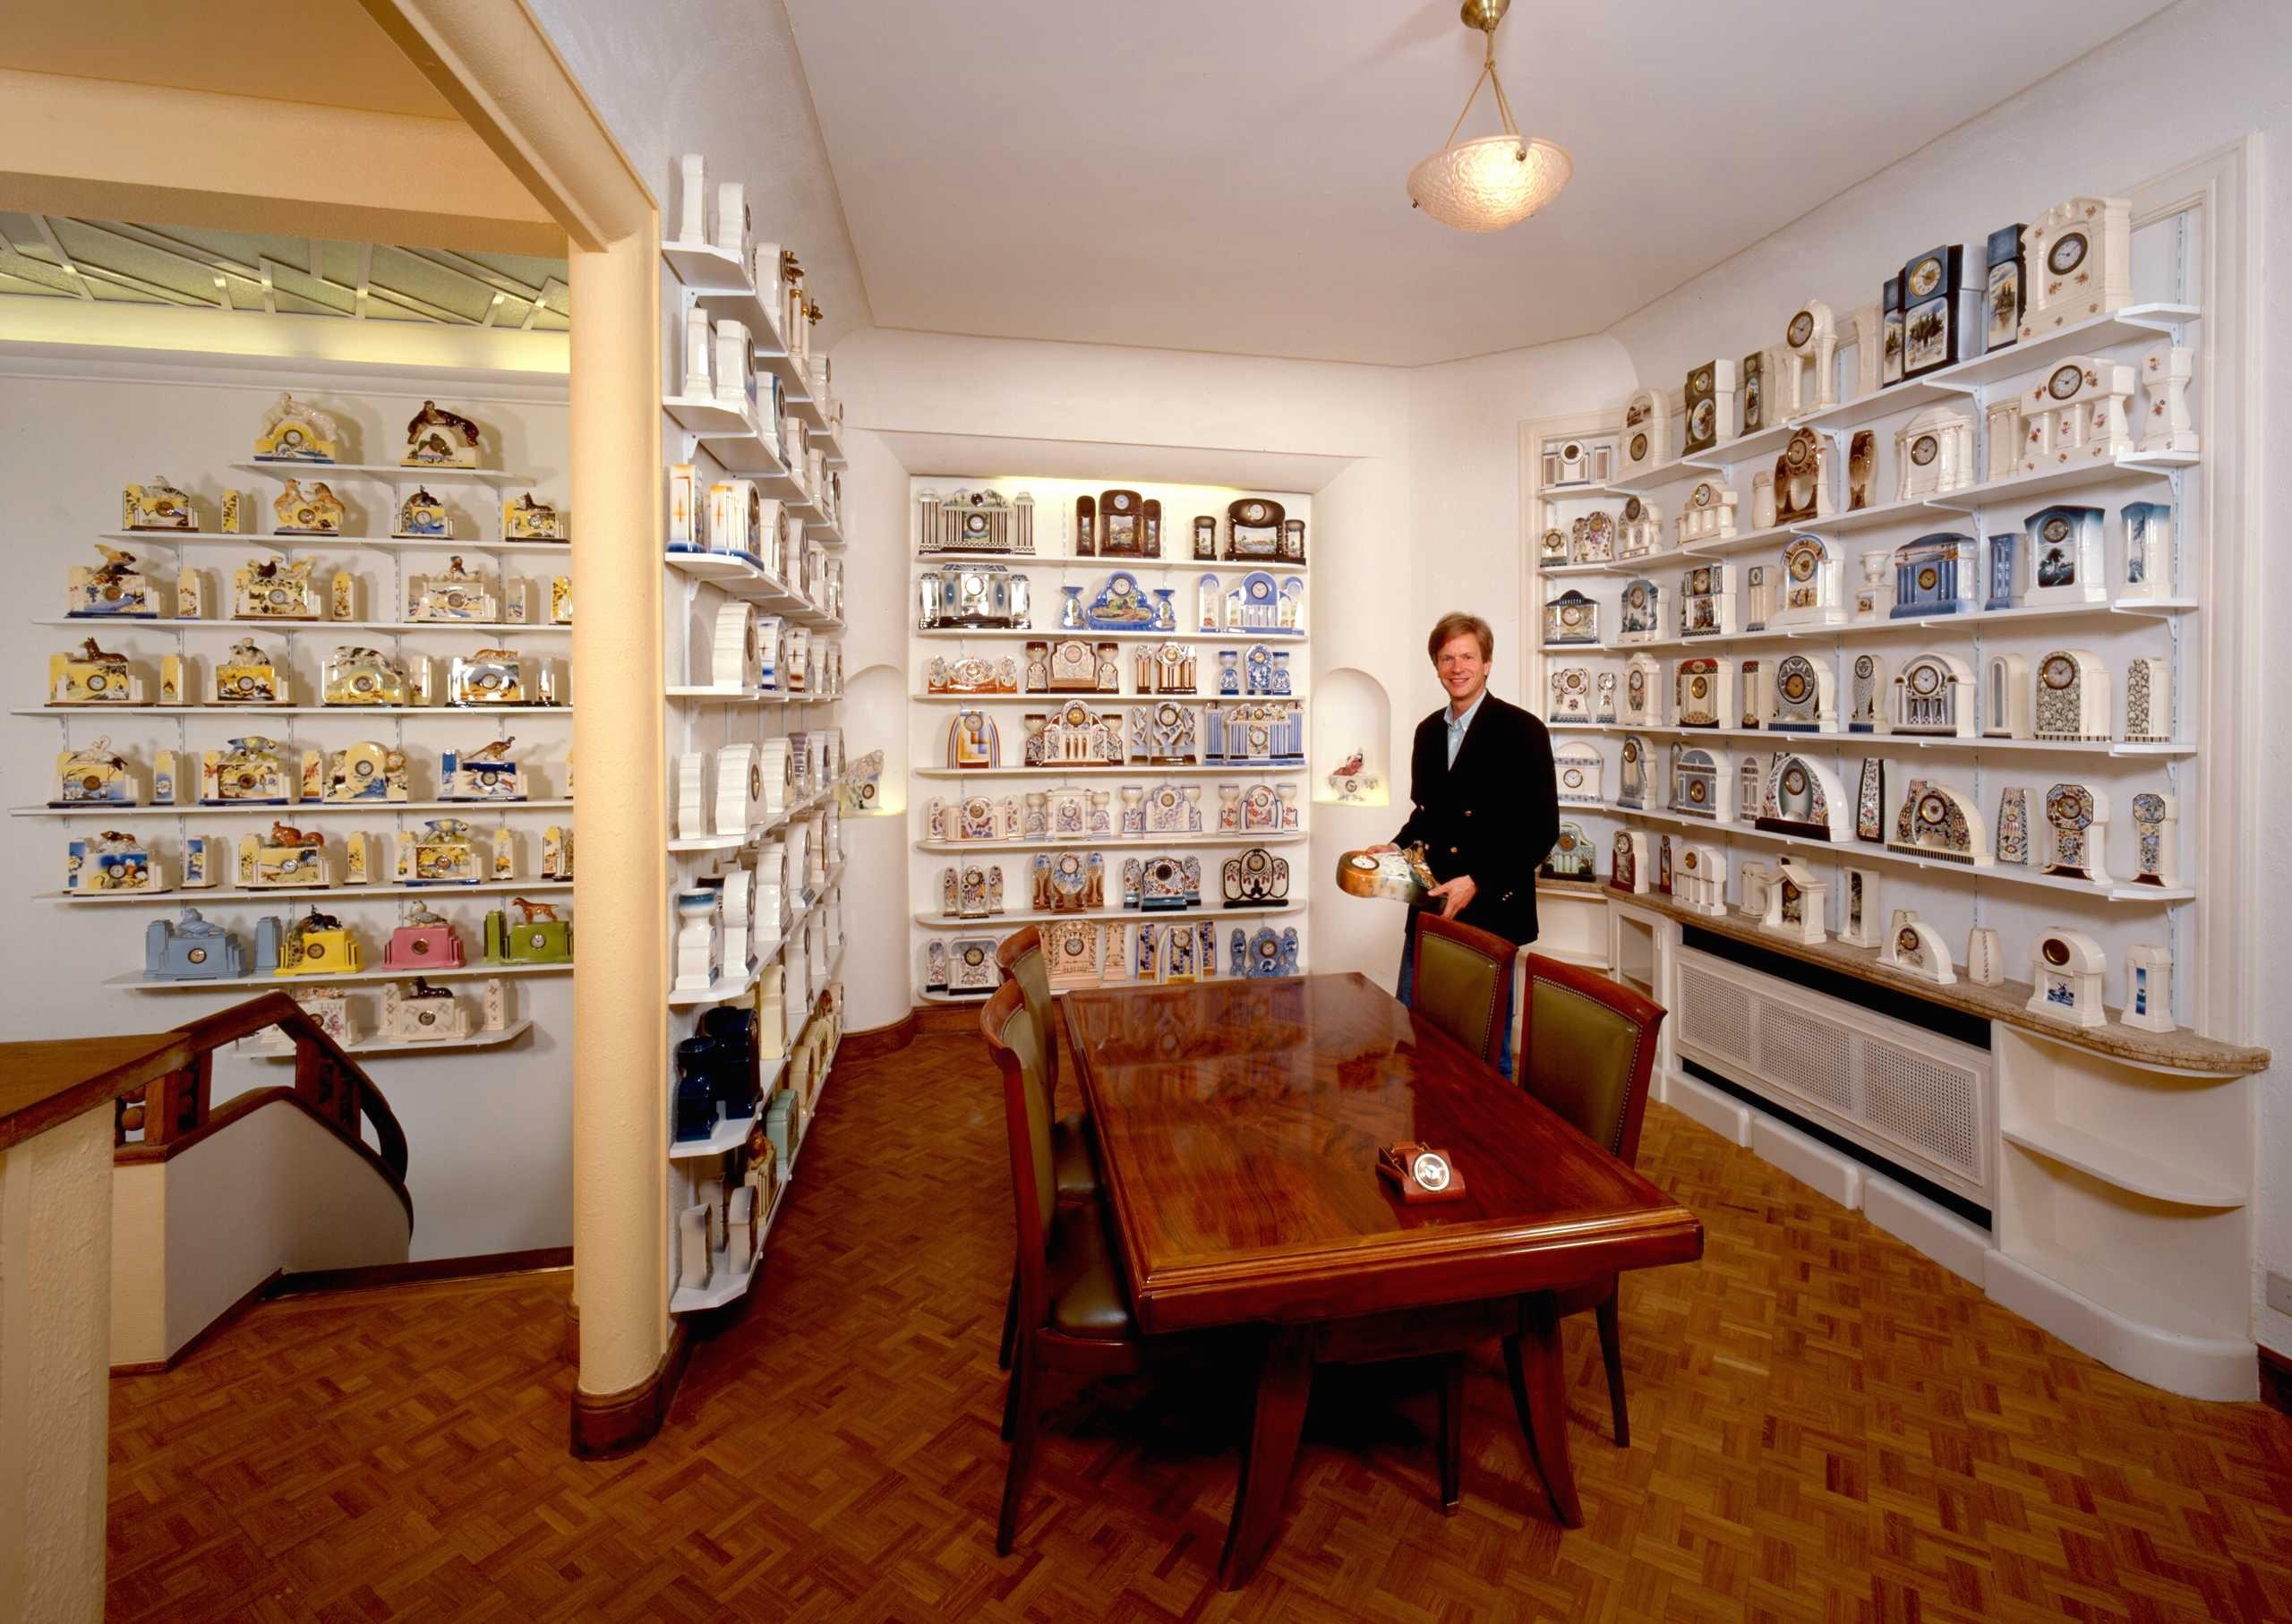 Salle des horloges en faïence tchèques